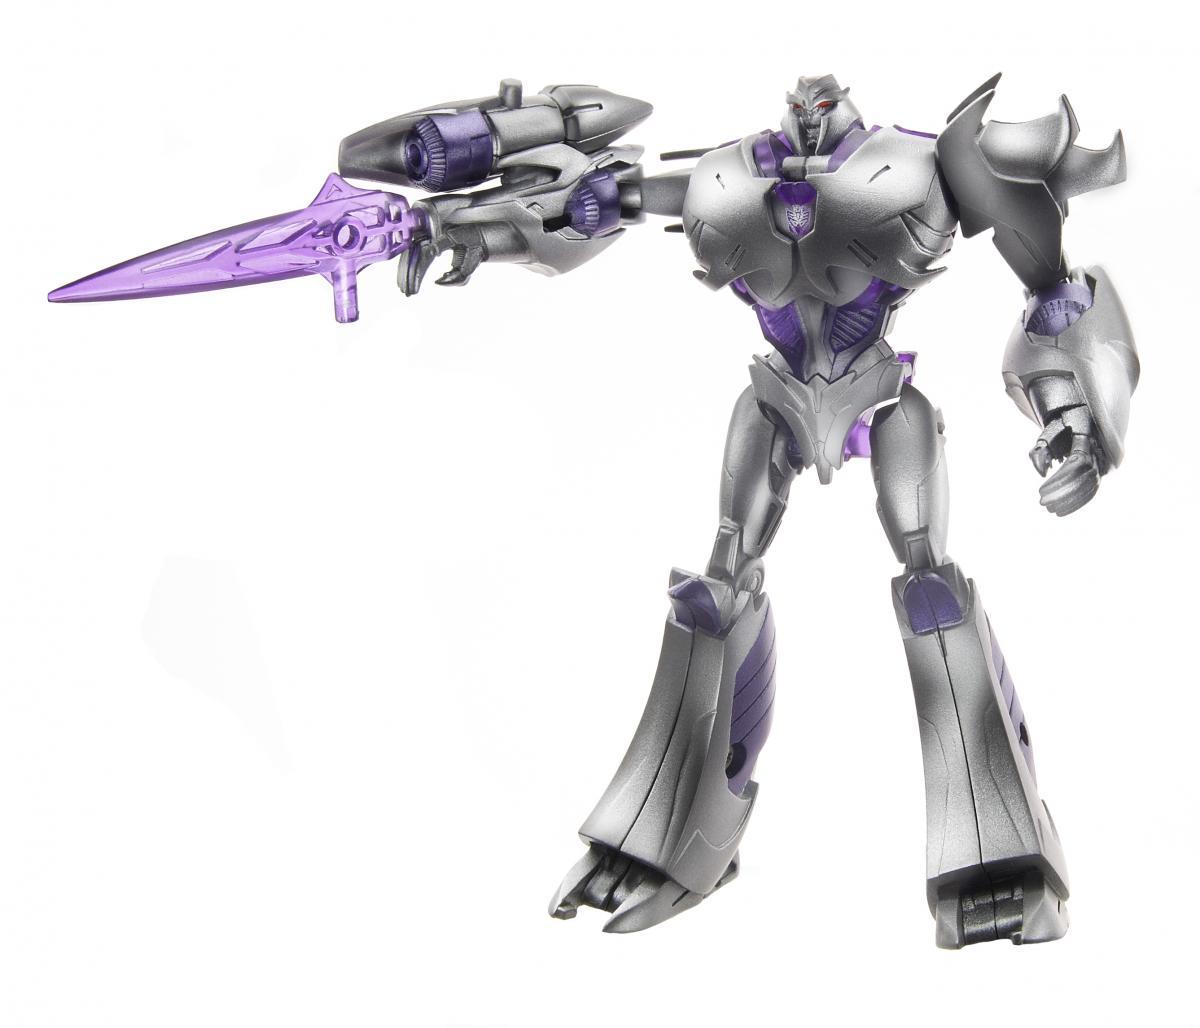 Megatron transformers prime cyberverse transformers cyberverse transformers prime - Transformers prime megatron ...